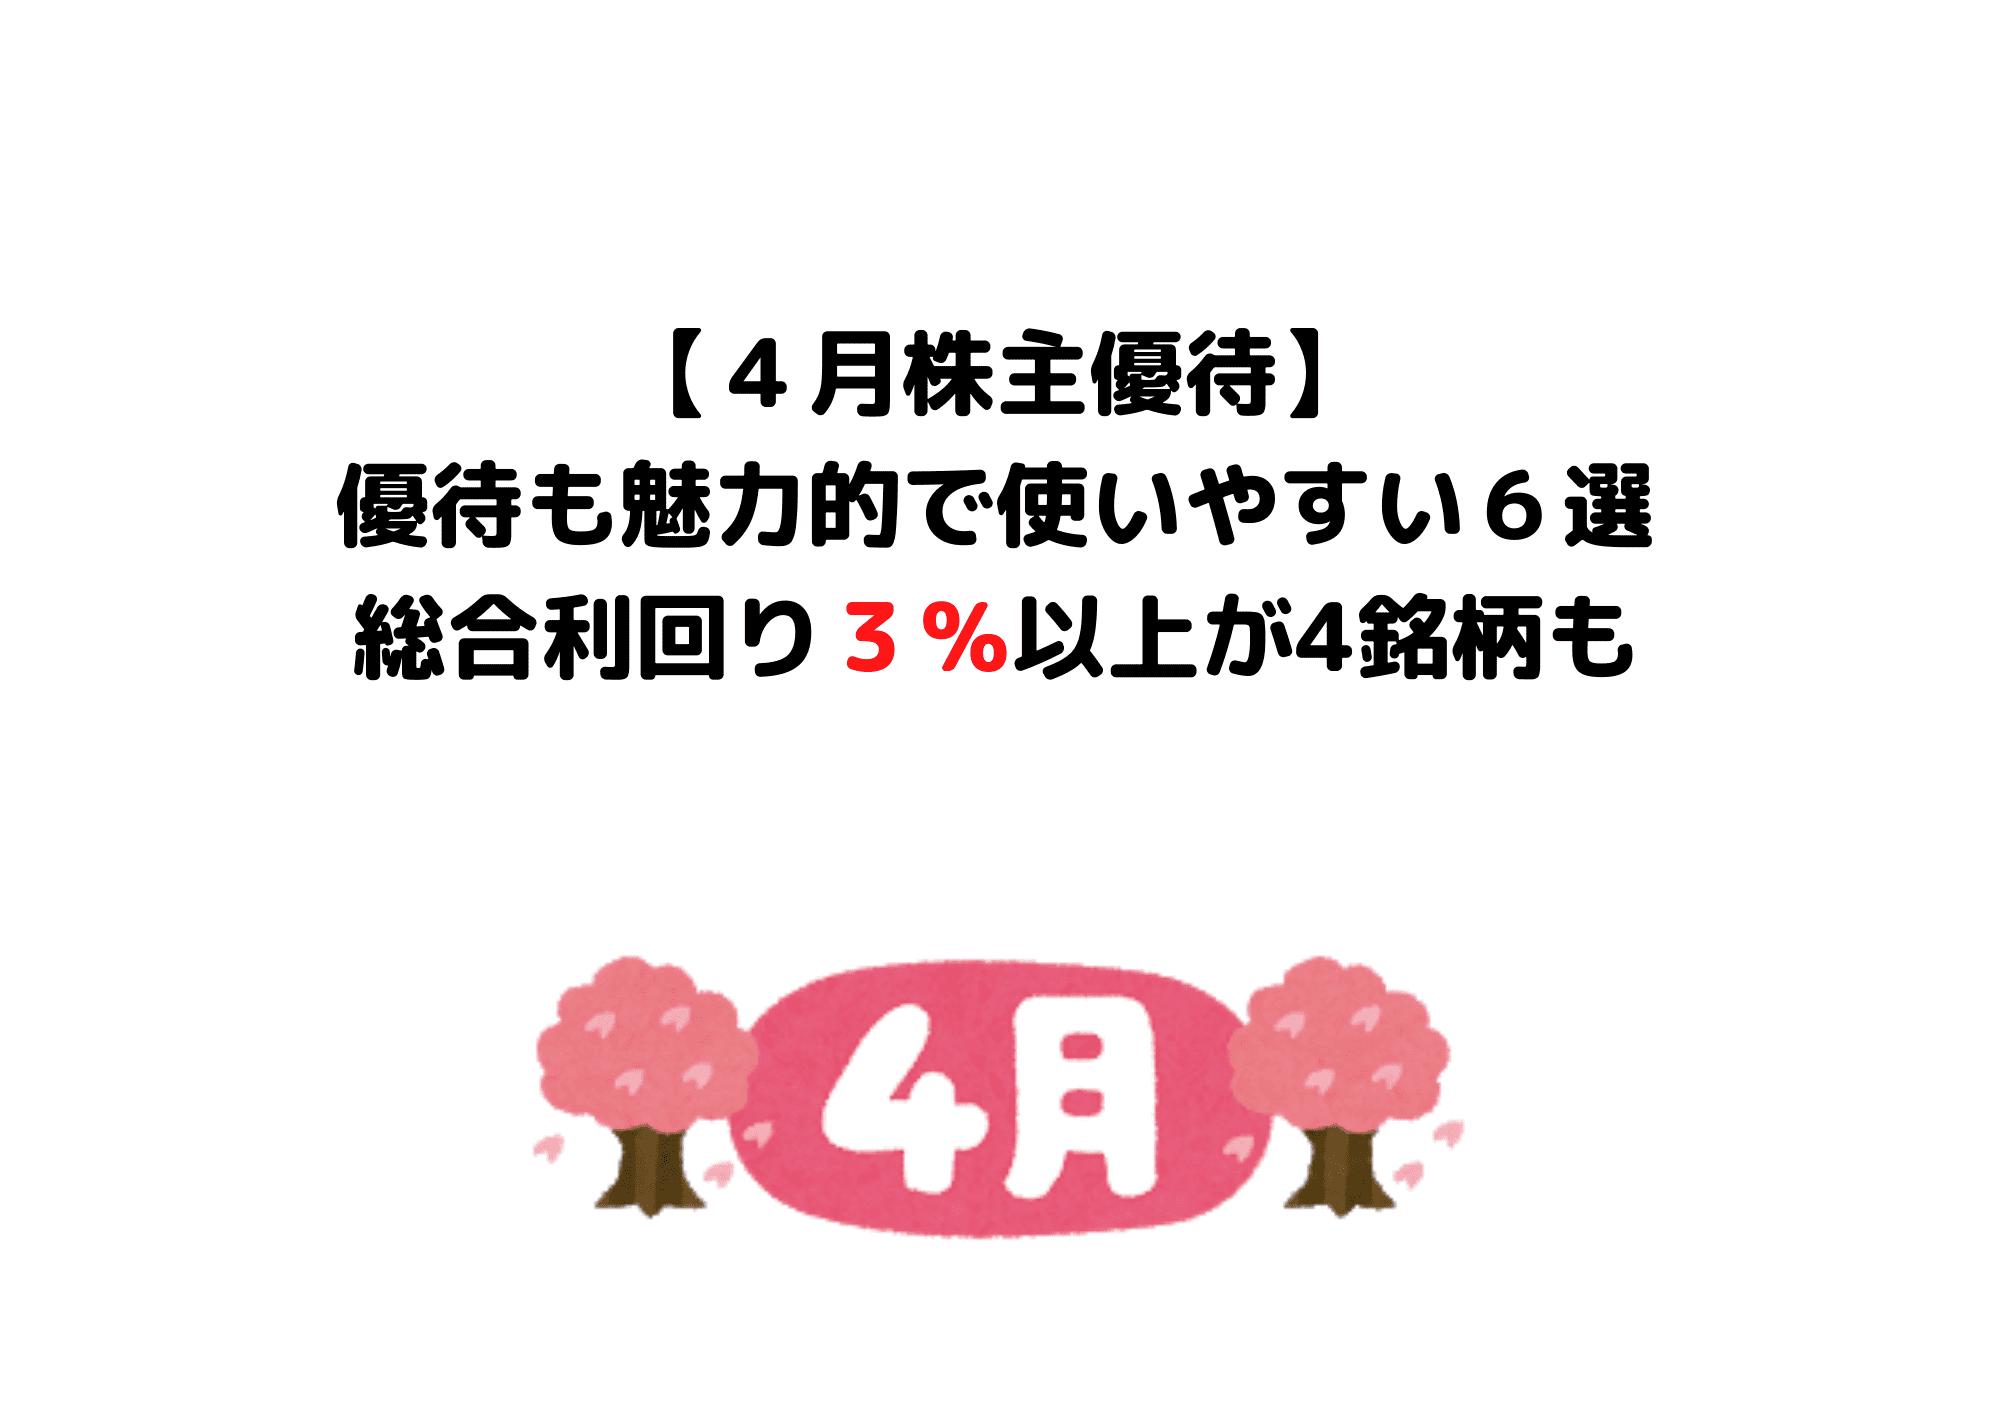 4月権利日優待